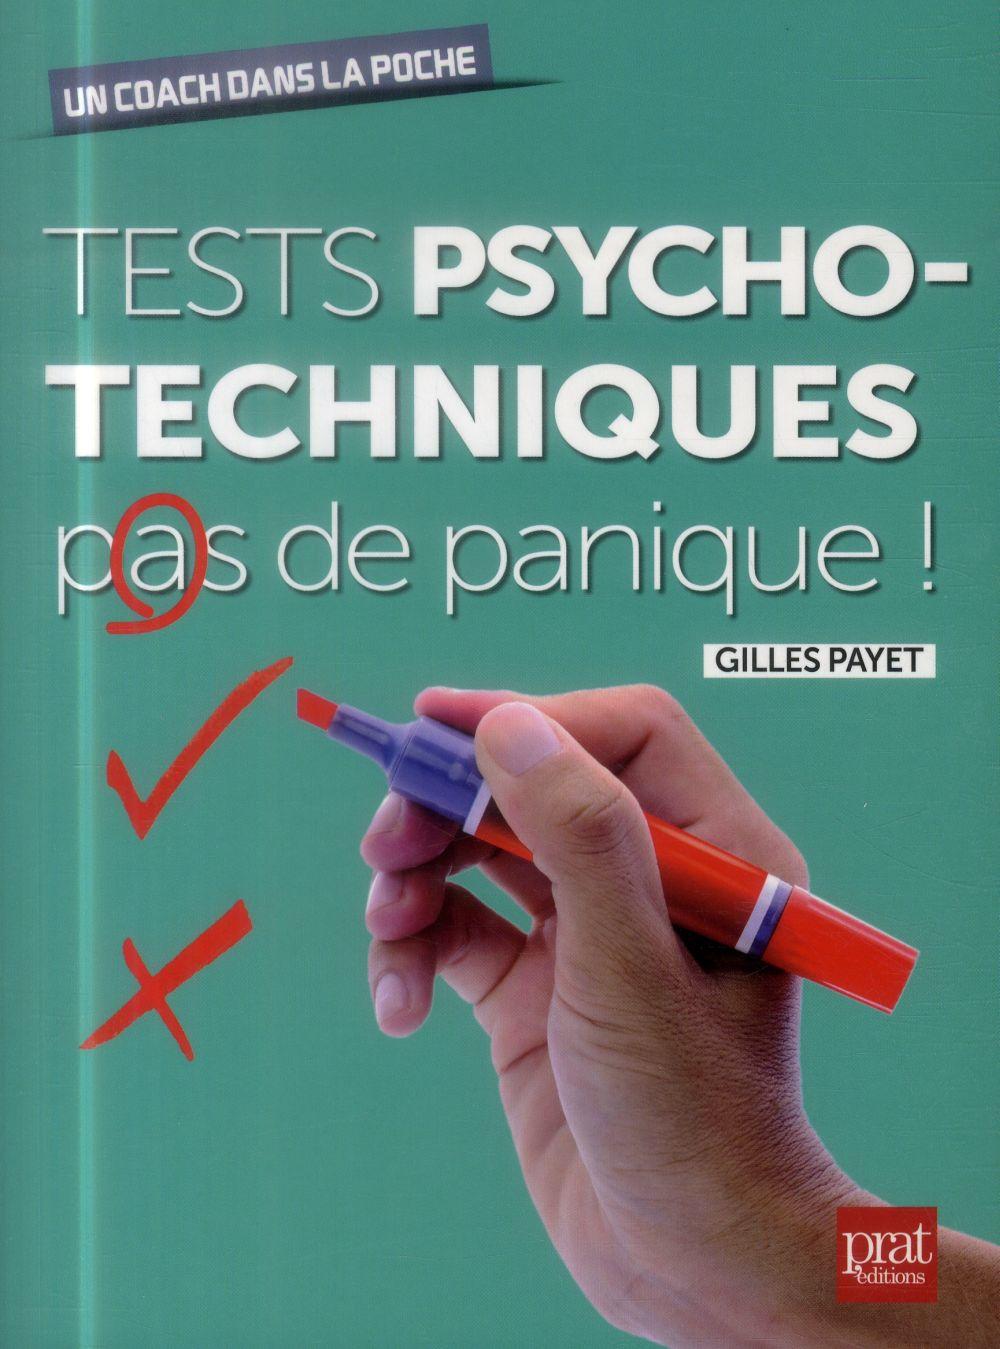 TESTS PSYCHOTECHNIQUES PAS DE PANIQUE